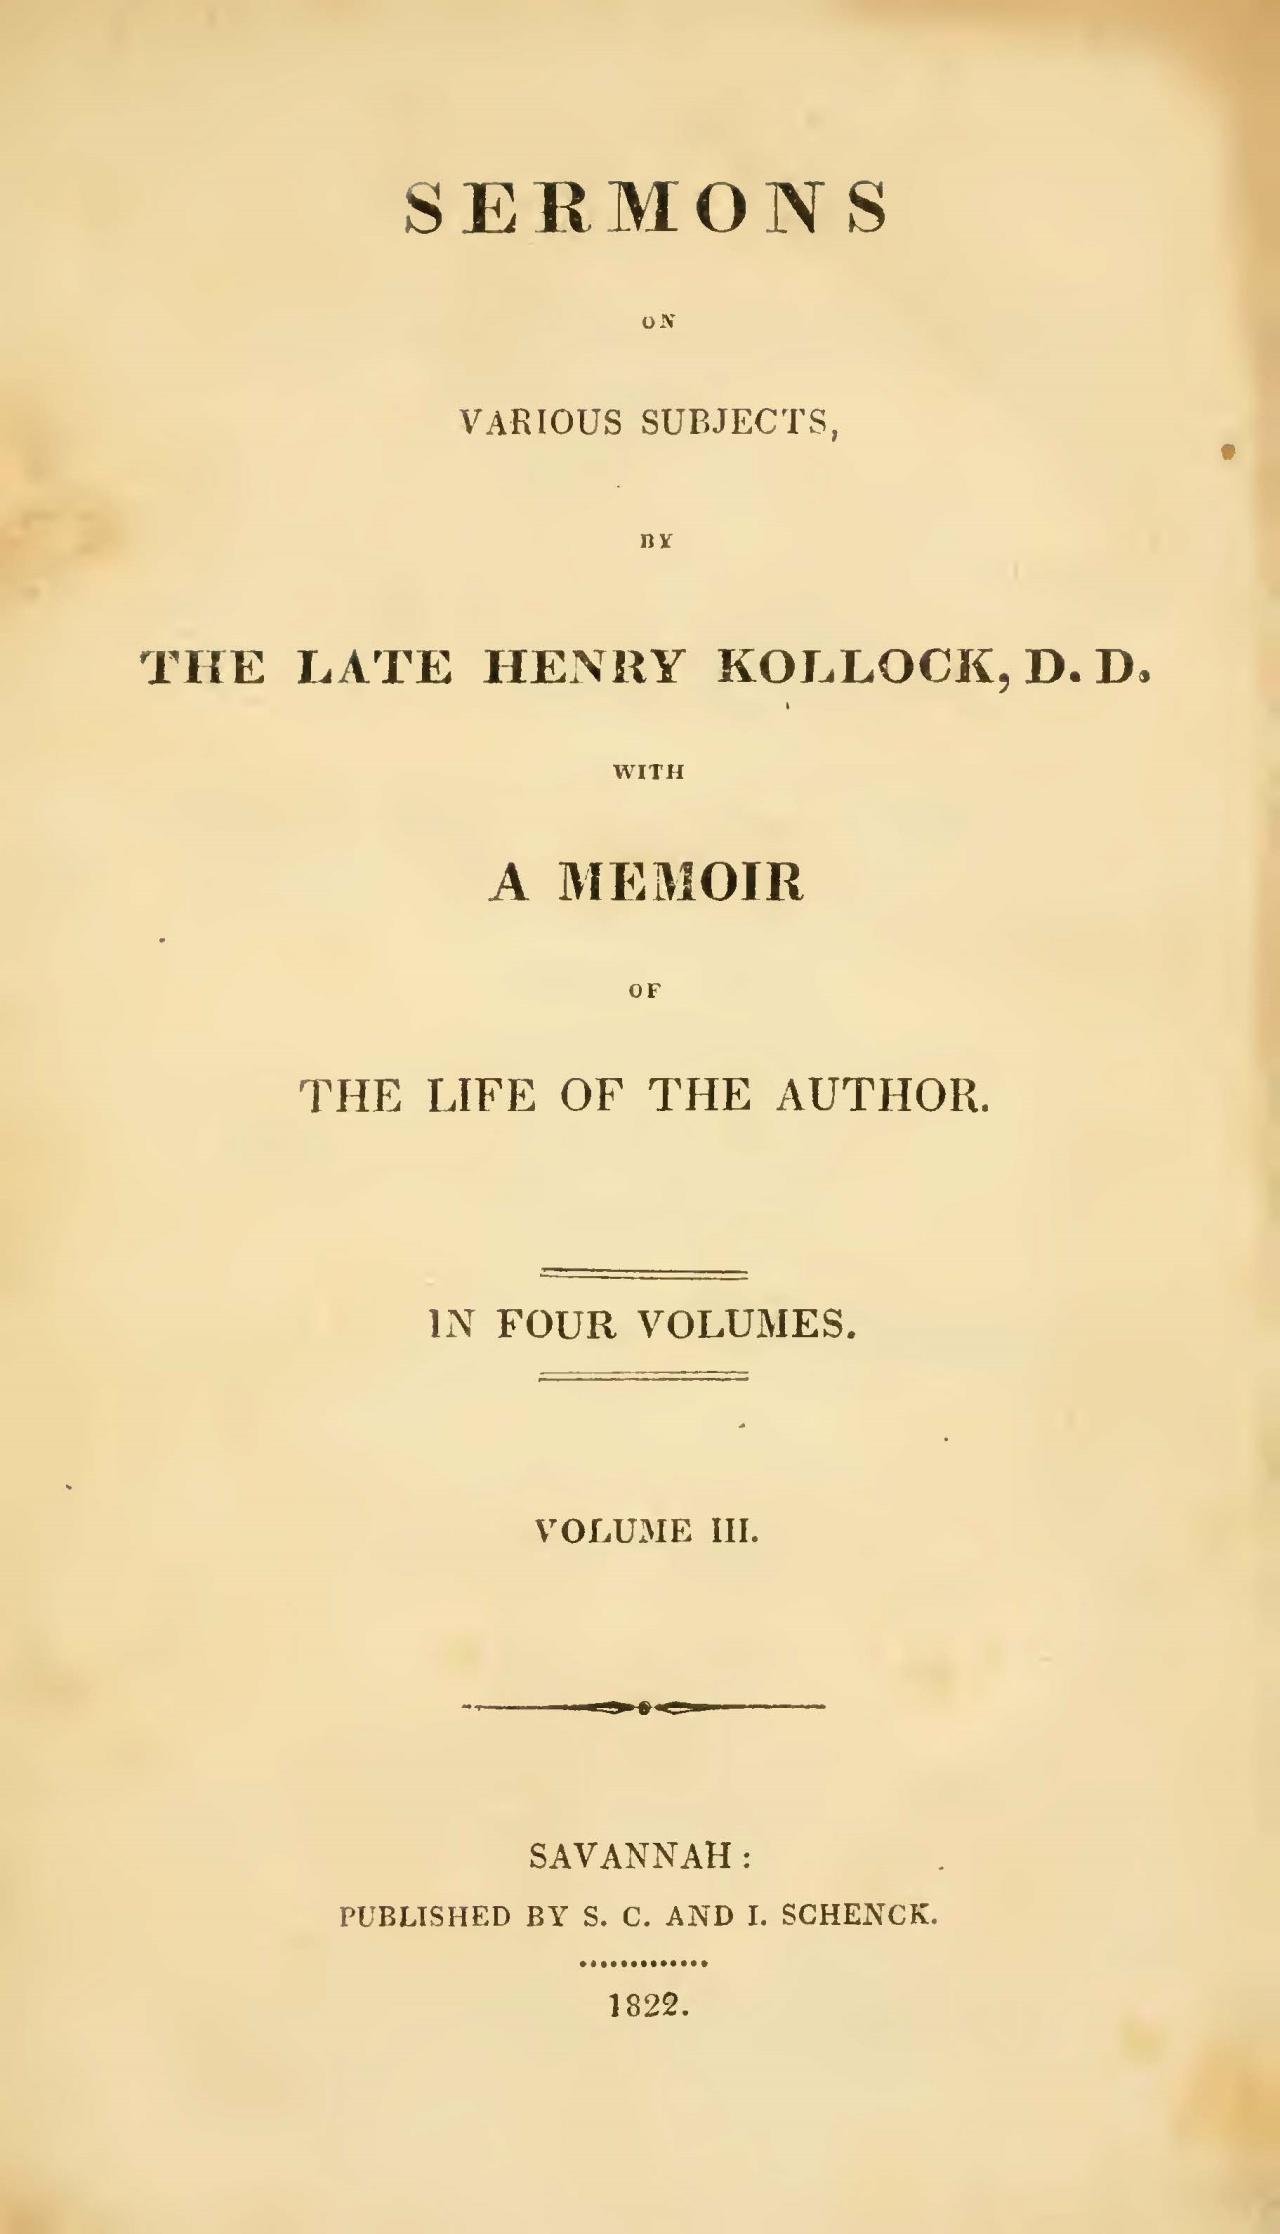 Kollock, Henry, Sermons, Vol. 3 Title Page.jpg